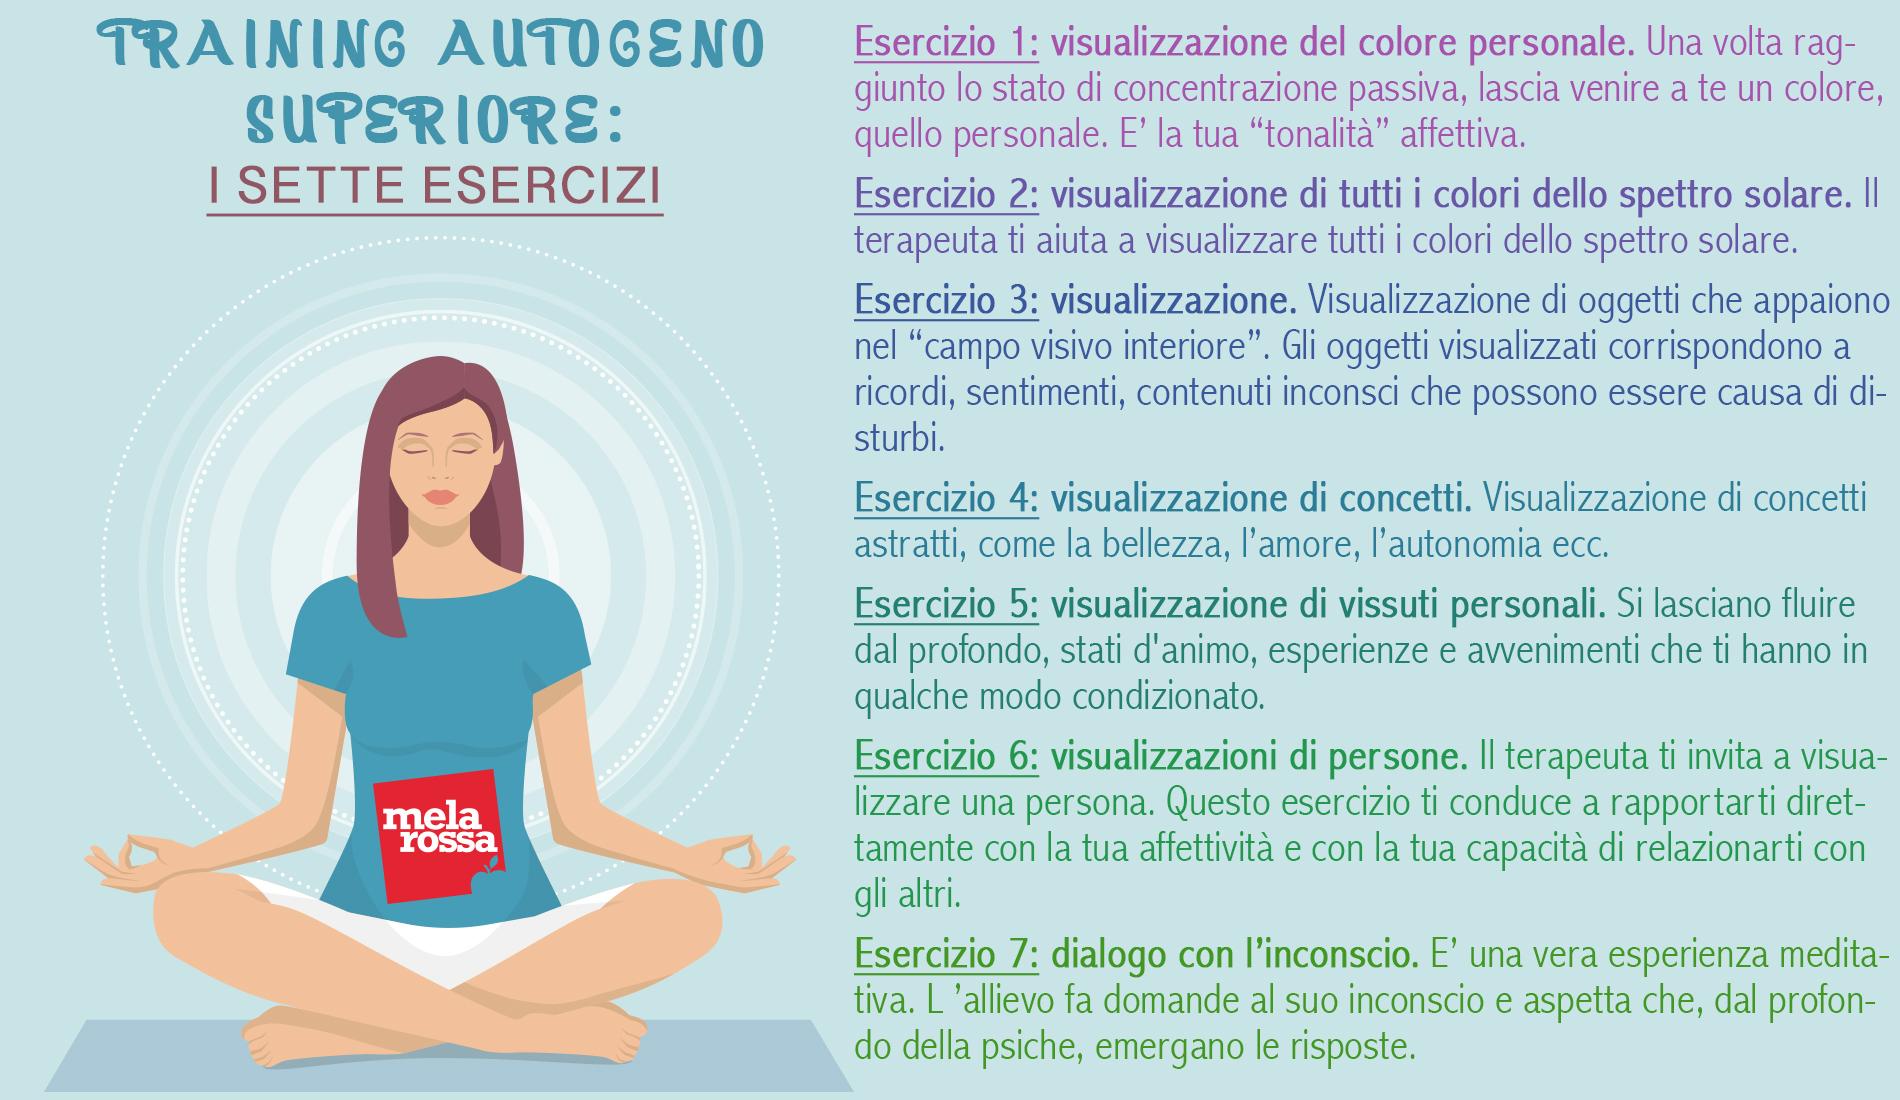 7 ejercicios de entrenamiento autógeno